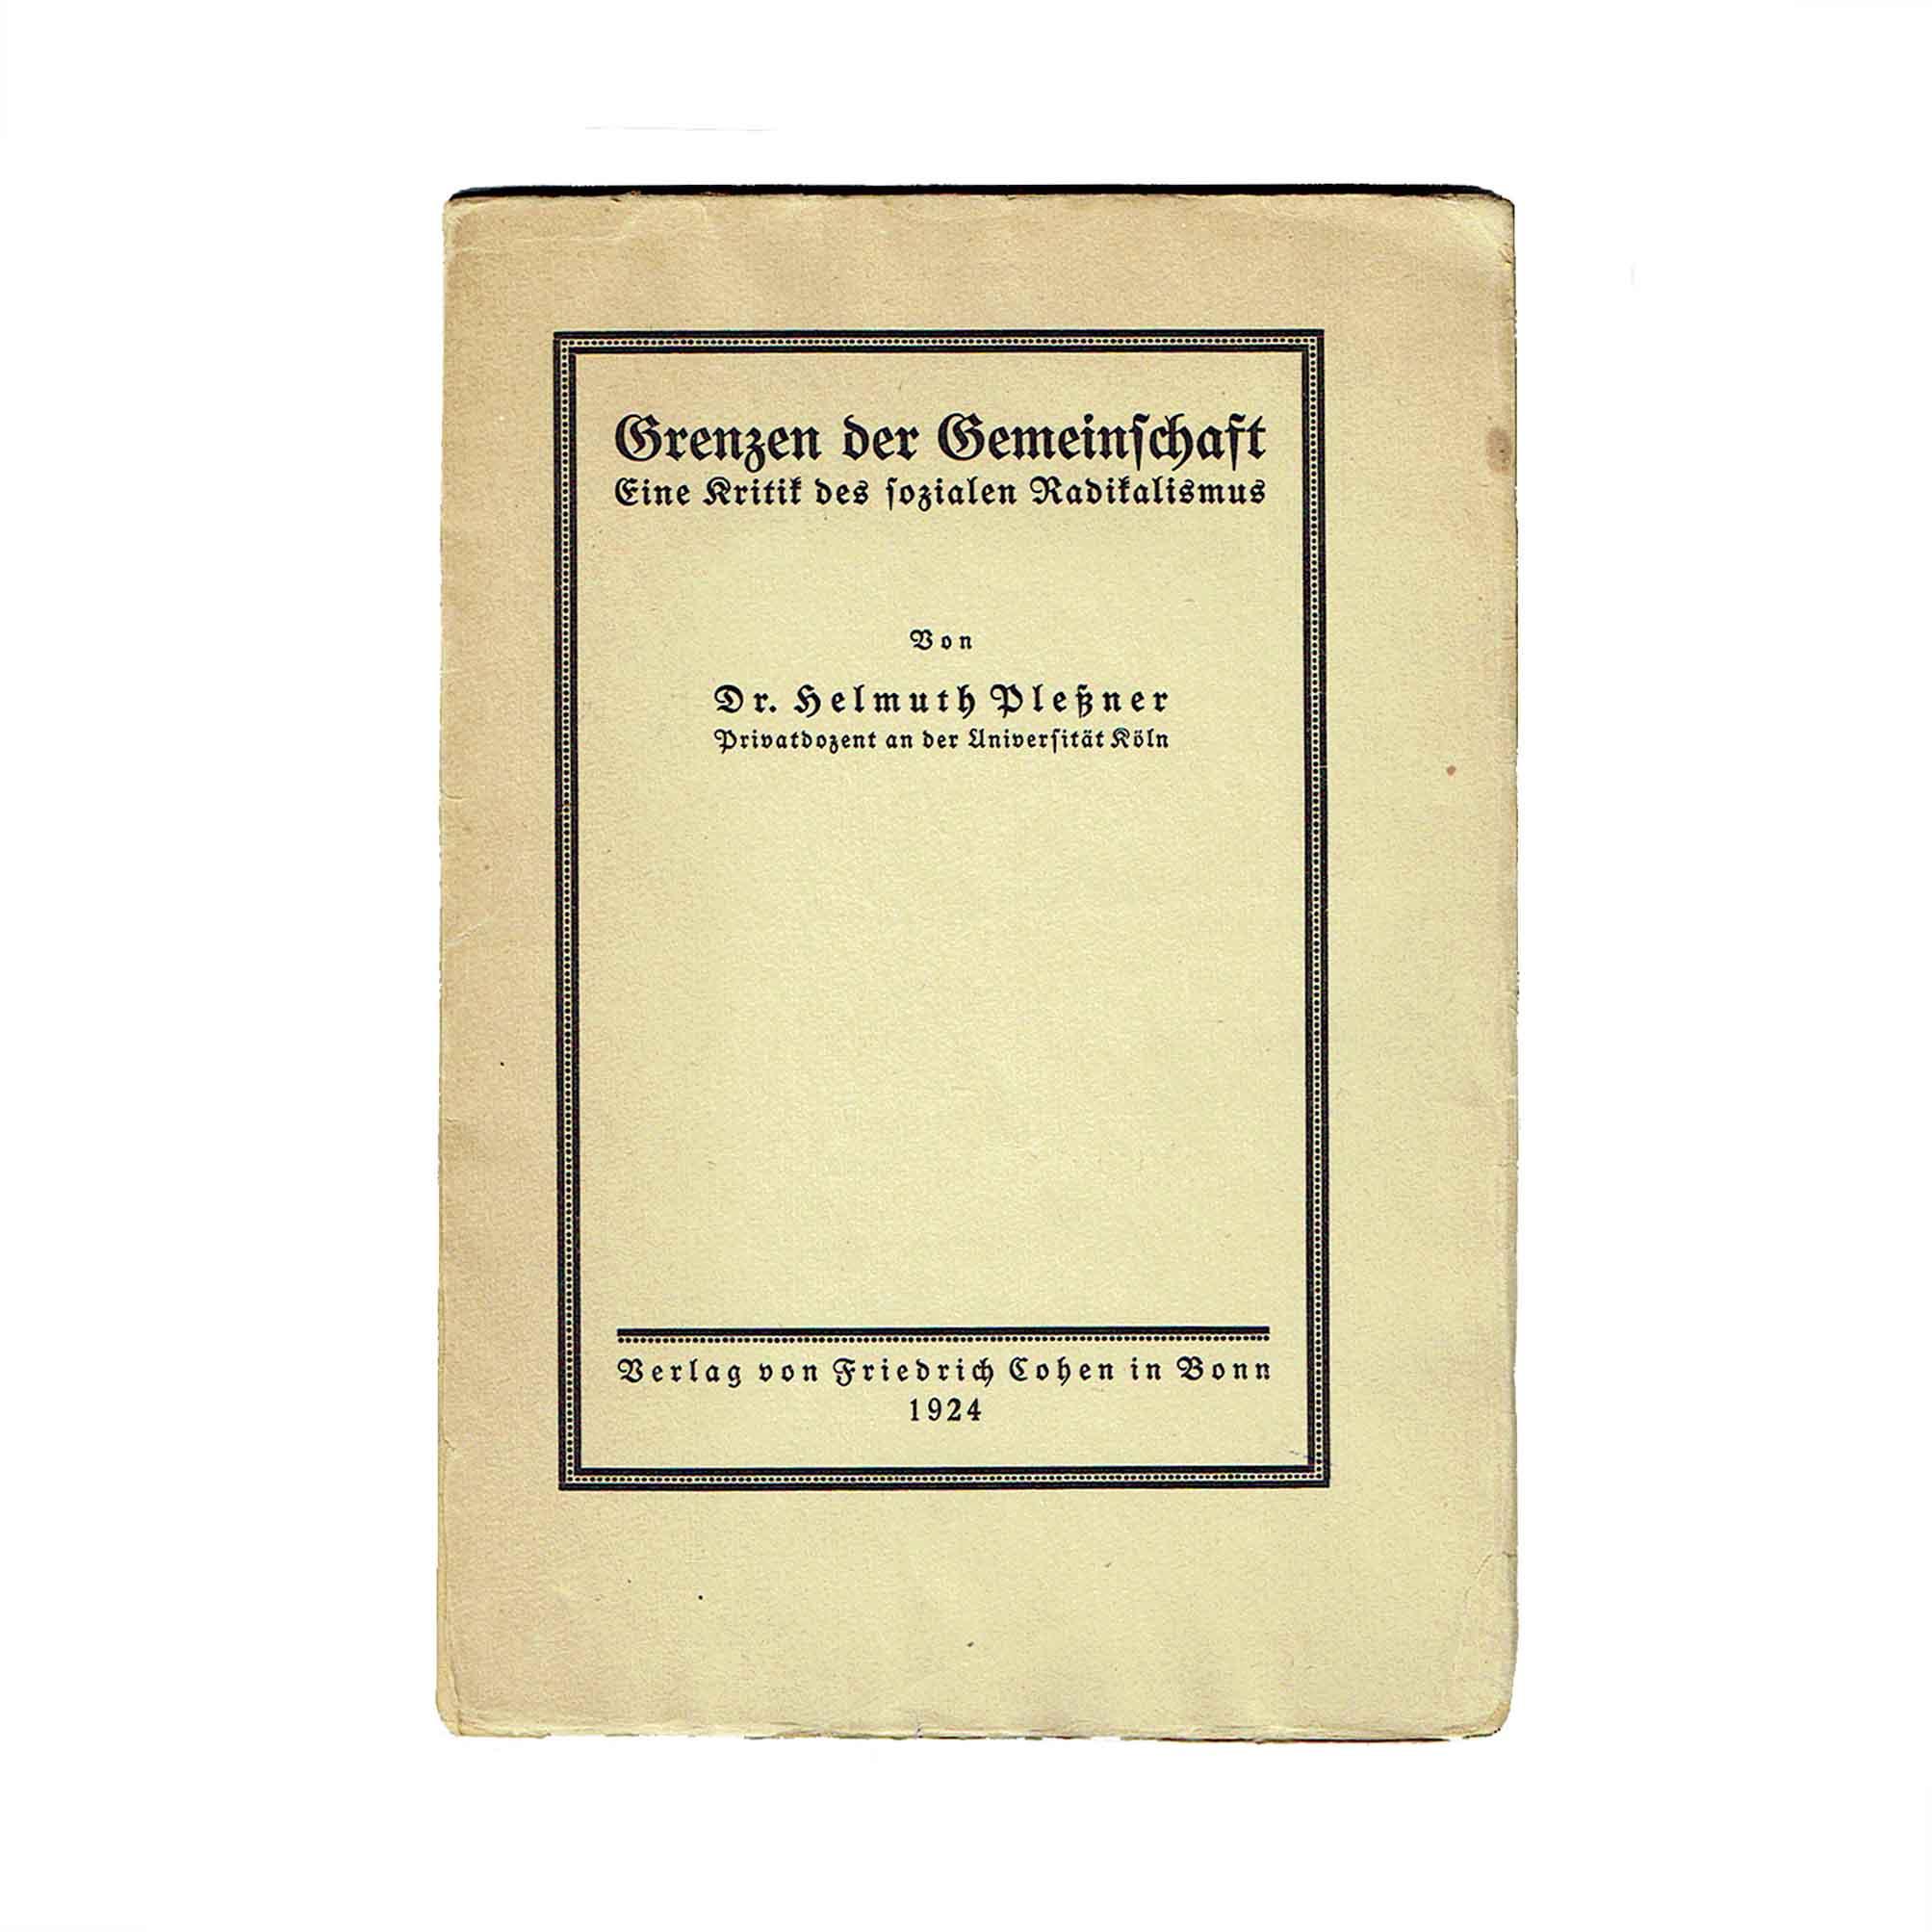 5515-Plessner-Gemeinschaft-1924-Umschlag-frei-N.jpg